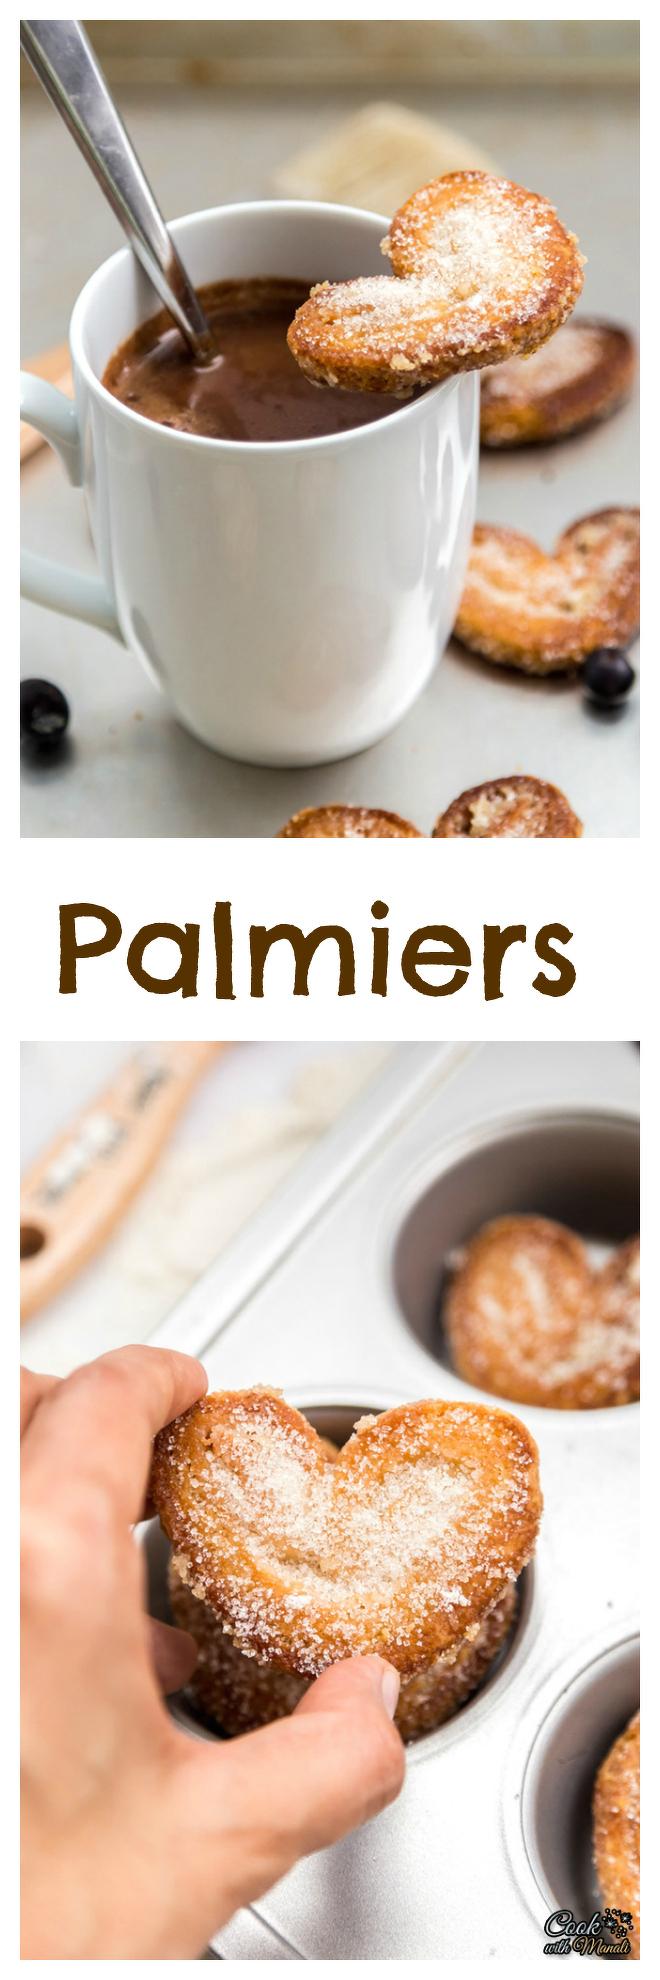 Palmiers-Collage-nocwm